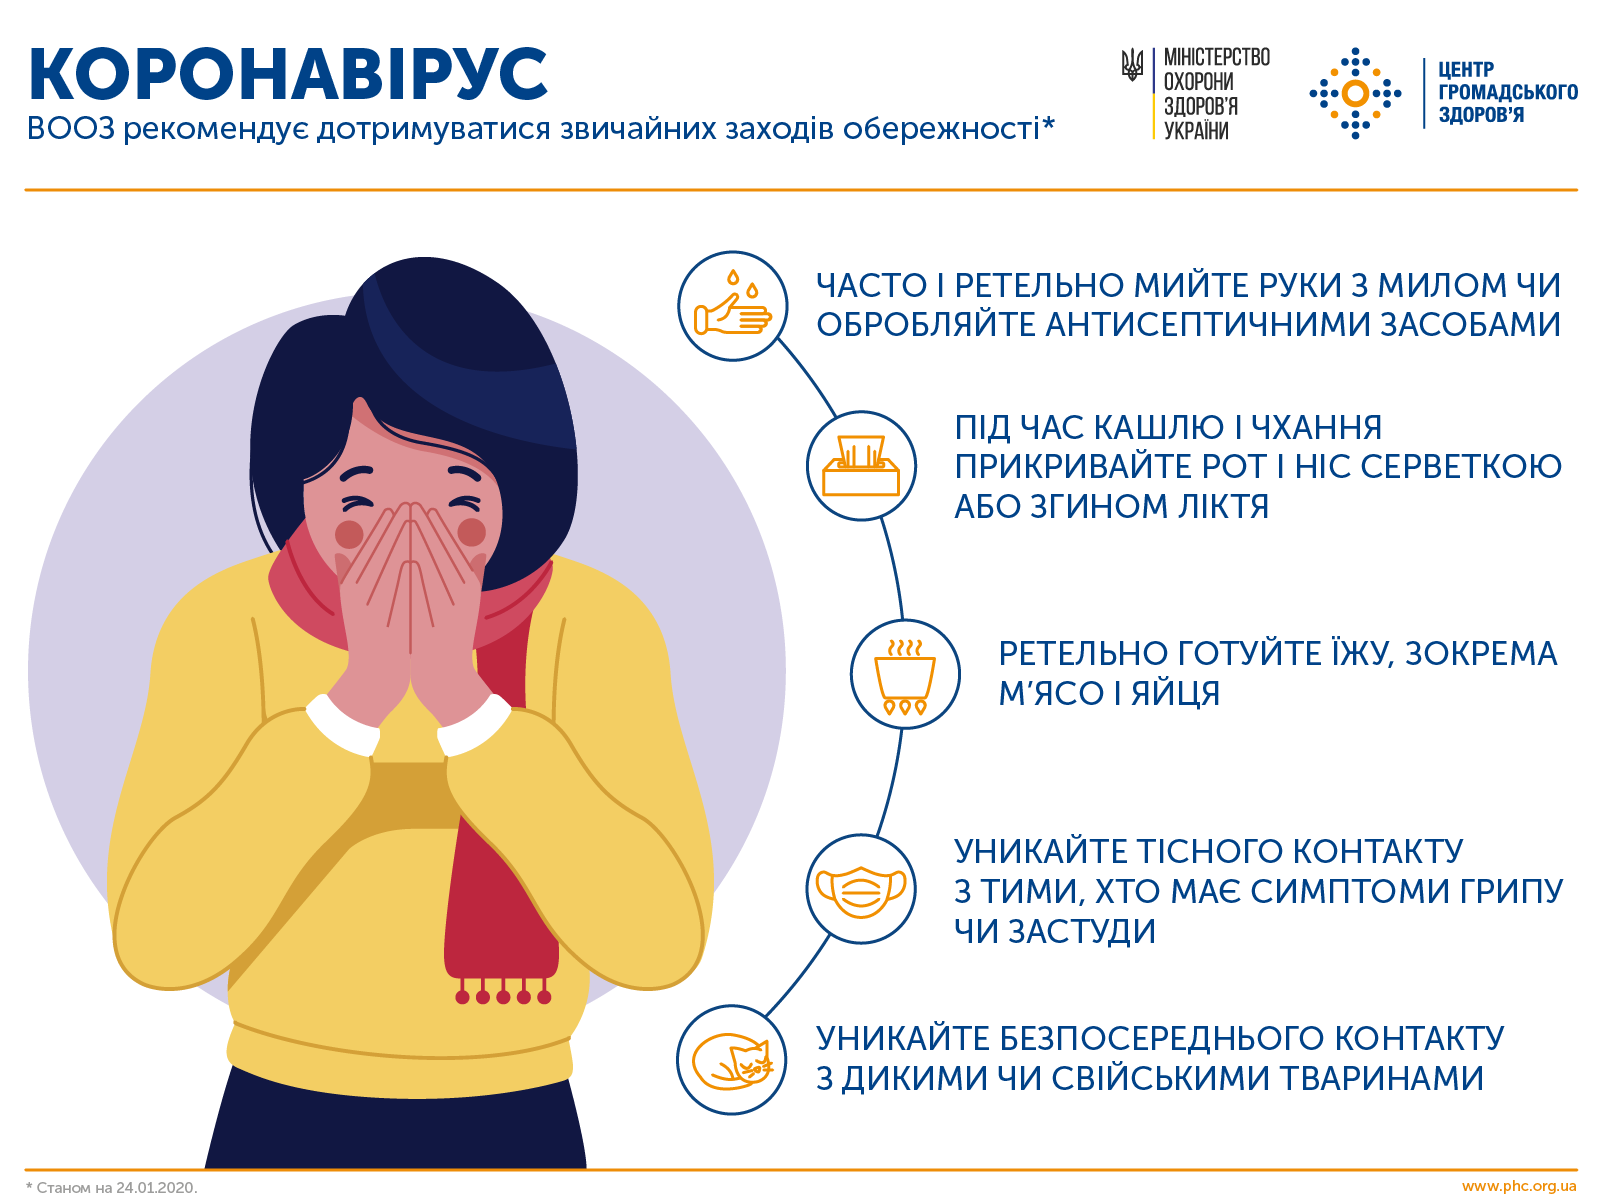 Пам'ятка для населення щодо коронавірусу COVID-19. | Томаківська селищна рада